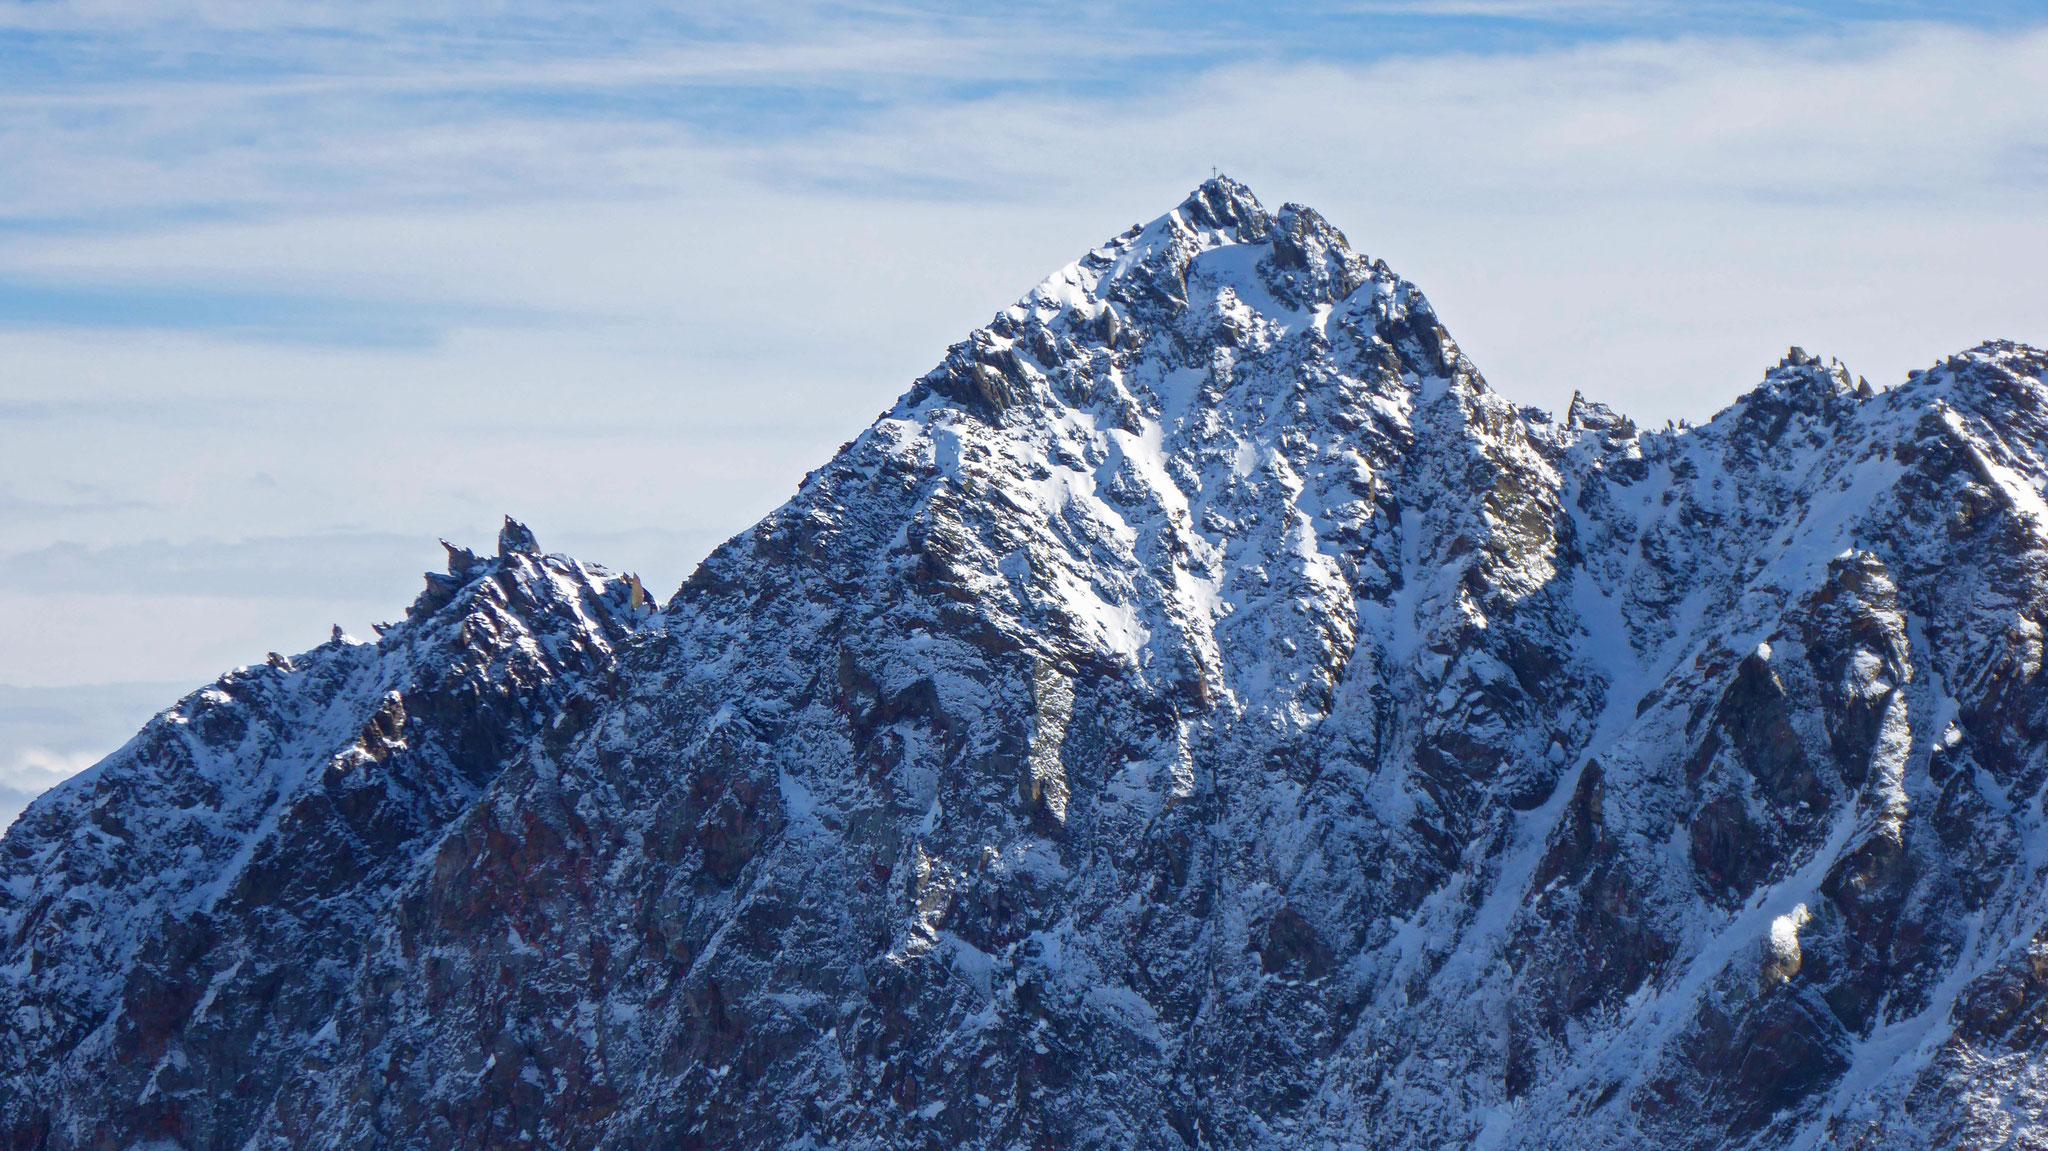 Rotgrubenspitz Detail, rechts vom Gipfel die anspruchsvolle Kletterkante